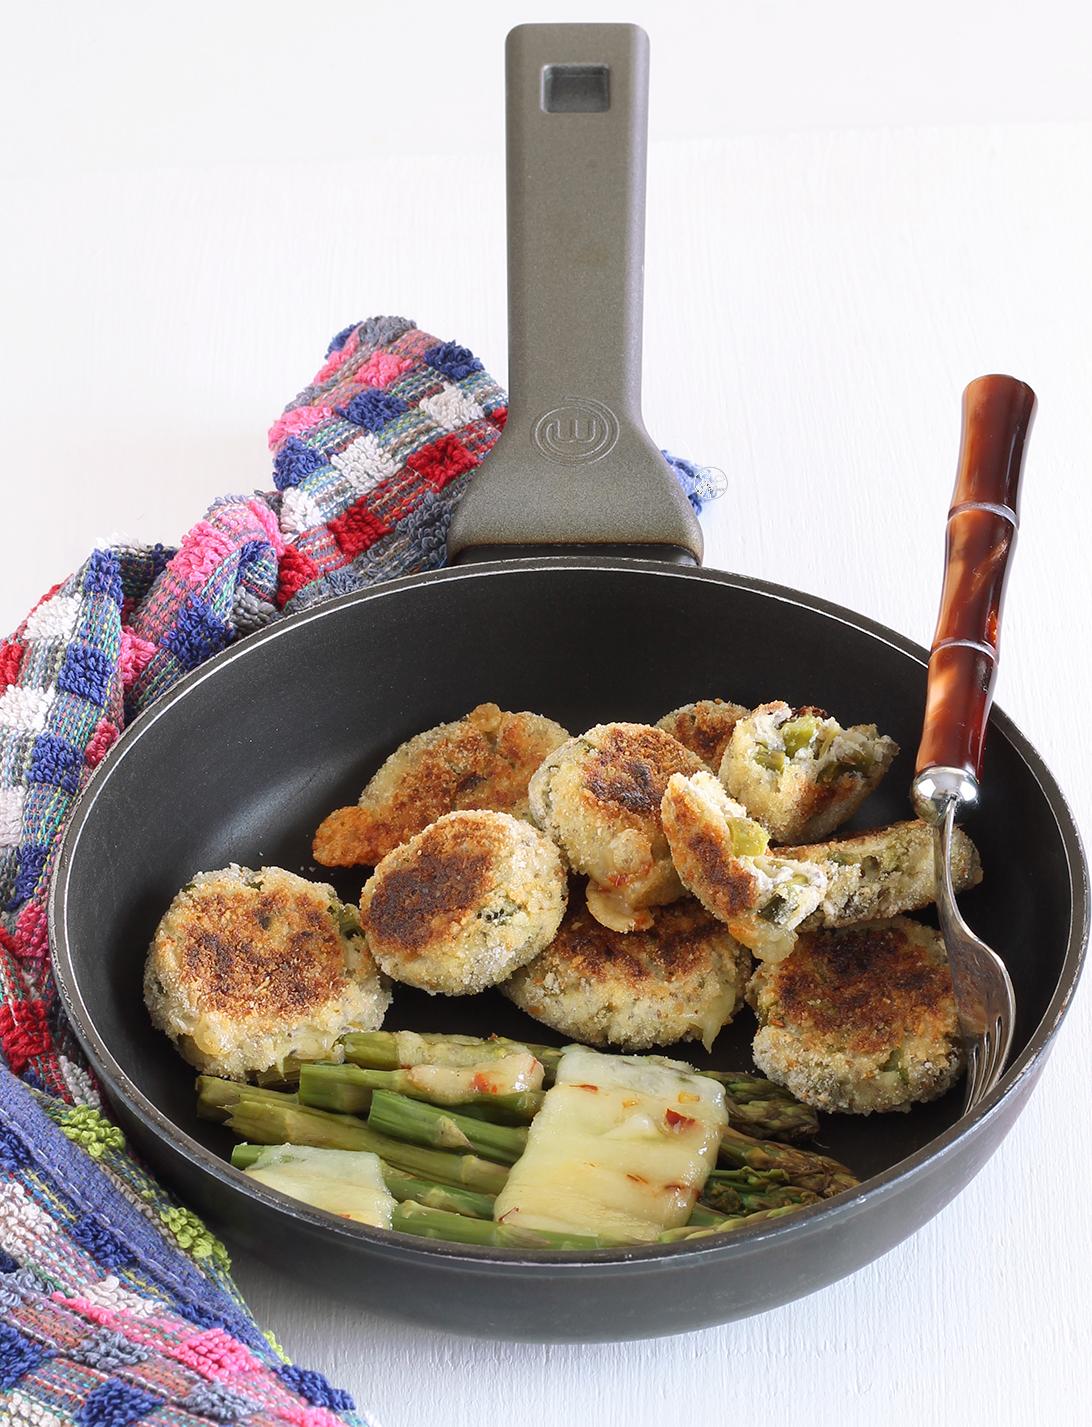 Polpette senza glutine con ricotta e asparagi - La Cassata Celiaca